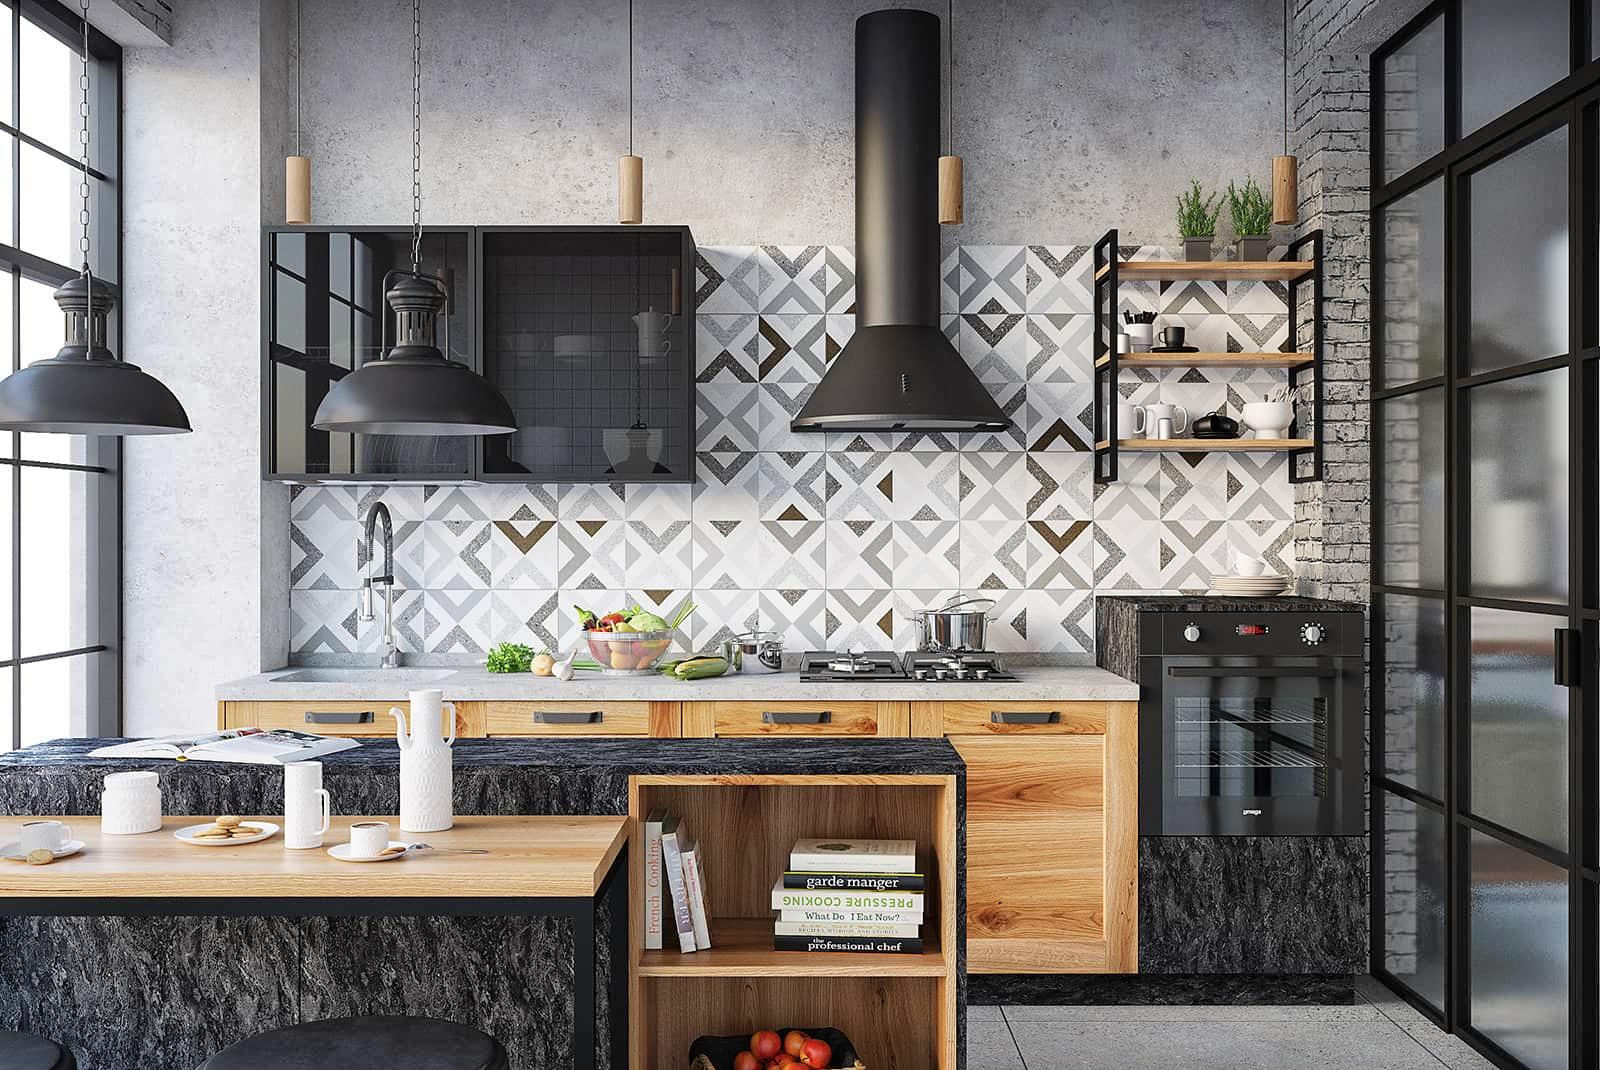 Full Size of Industrie Küche Reinigen Gleichzeitigkeitsfaktor Industrie Küche Beleuchtung Industrie Küche Industrie Küche Kaufen Küche Industrie Küche